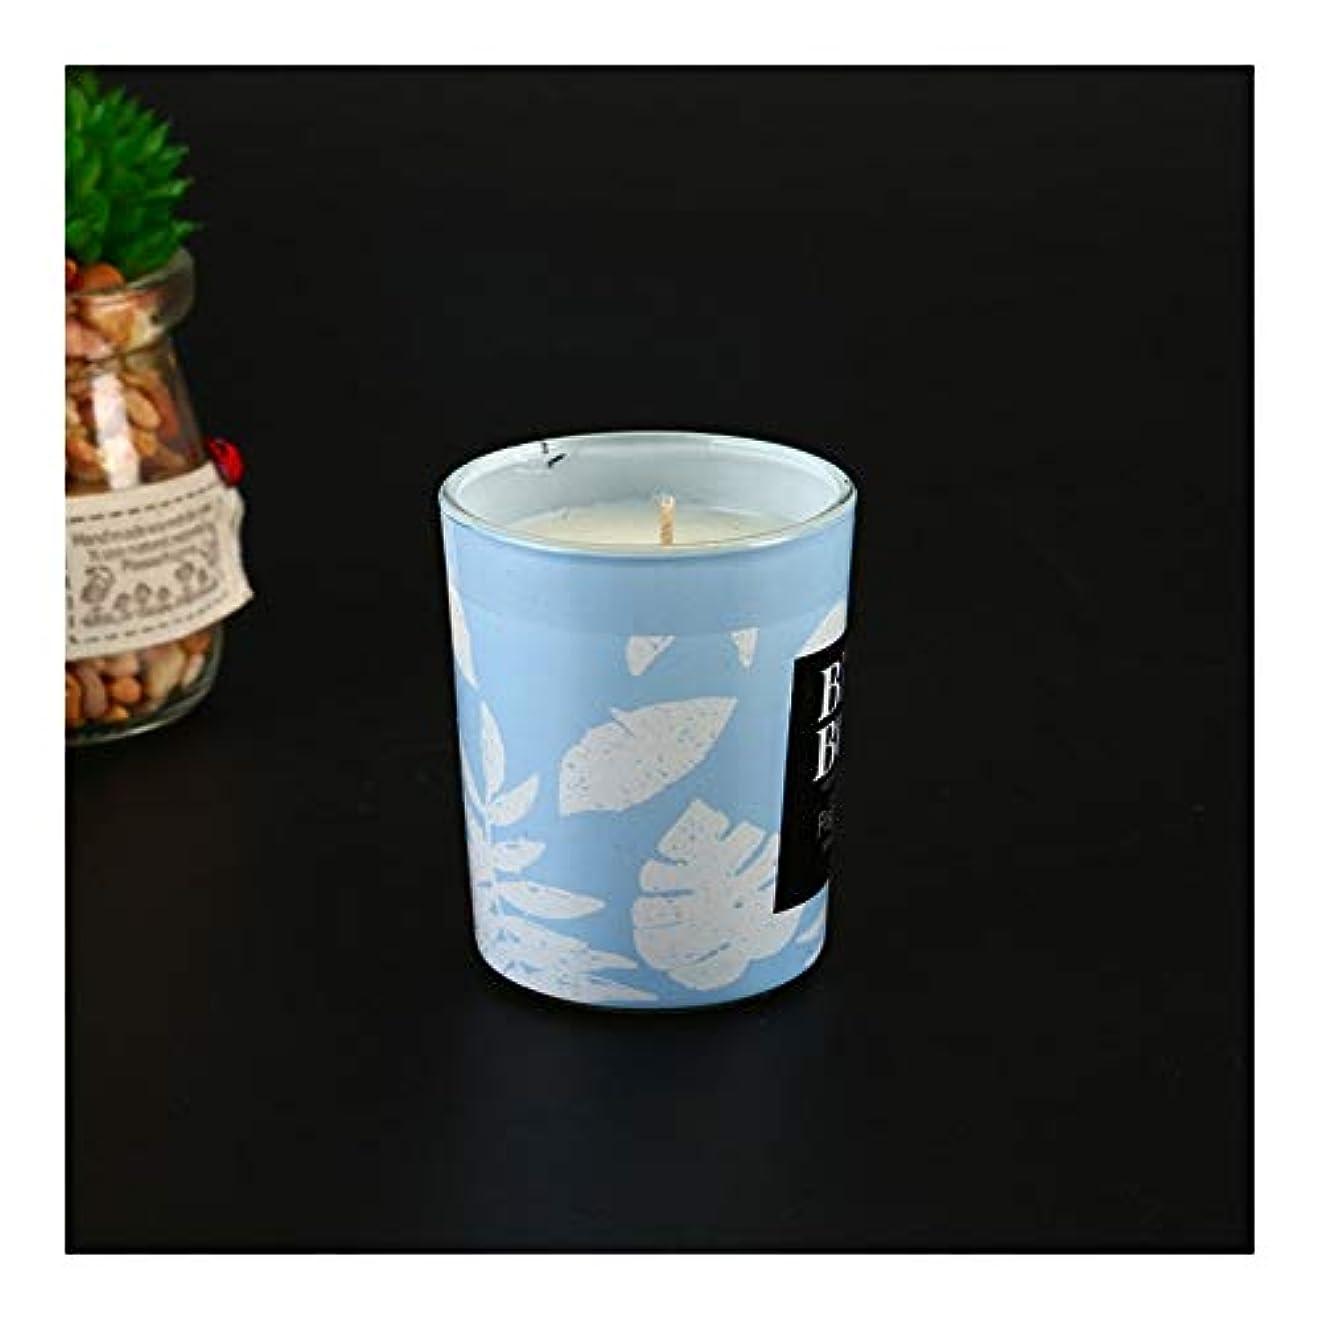 スカートばかげた虐待Ztian アロマセラピーキャンドルカップ告白アーティファクトキャンドル手で環境に優しい無煙大豆ワックス (色 : Blue wind chime)